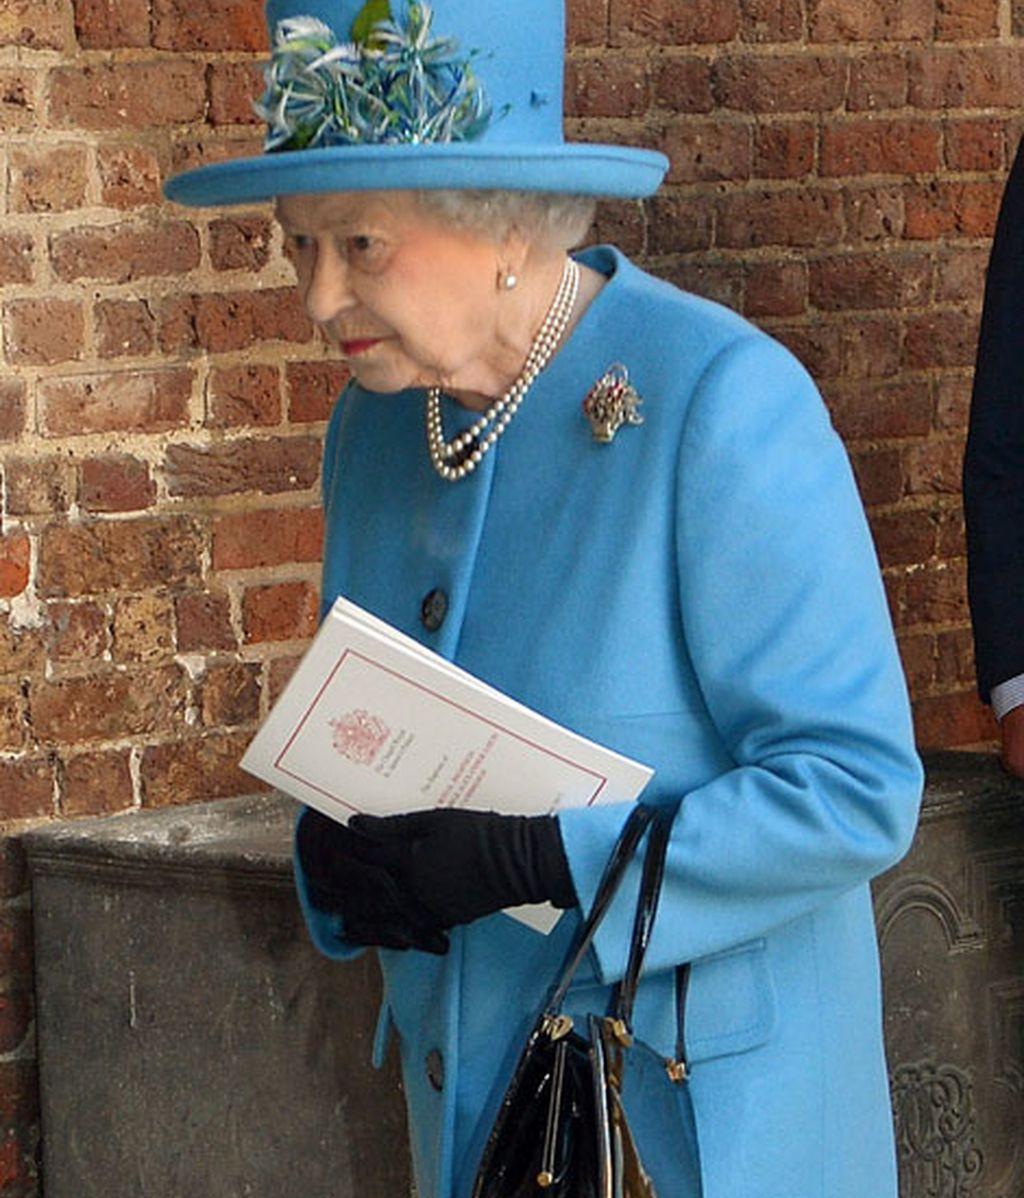 La reina Isabel II, con un elegante traje azul